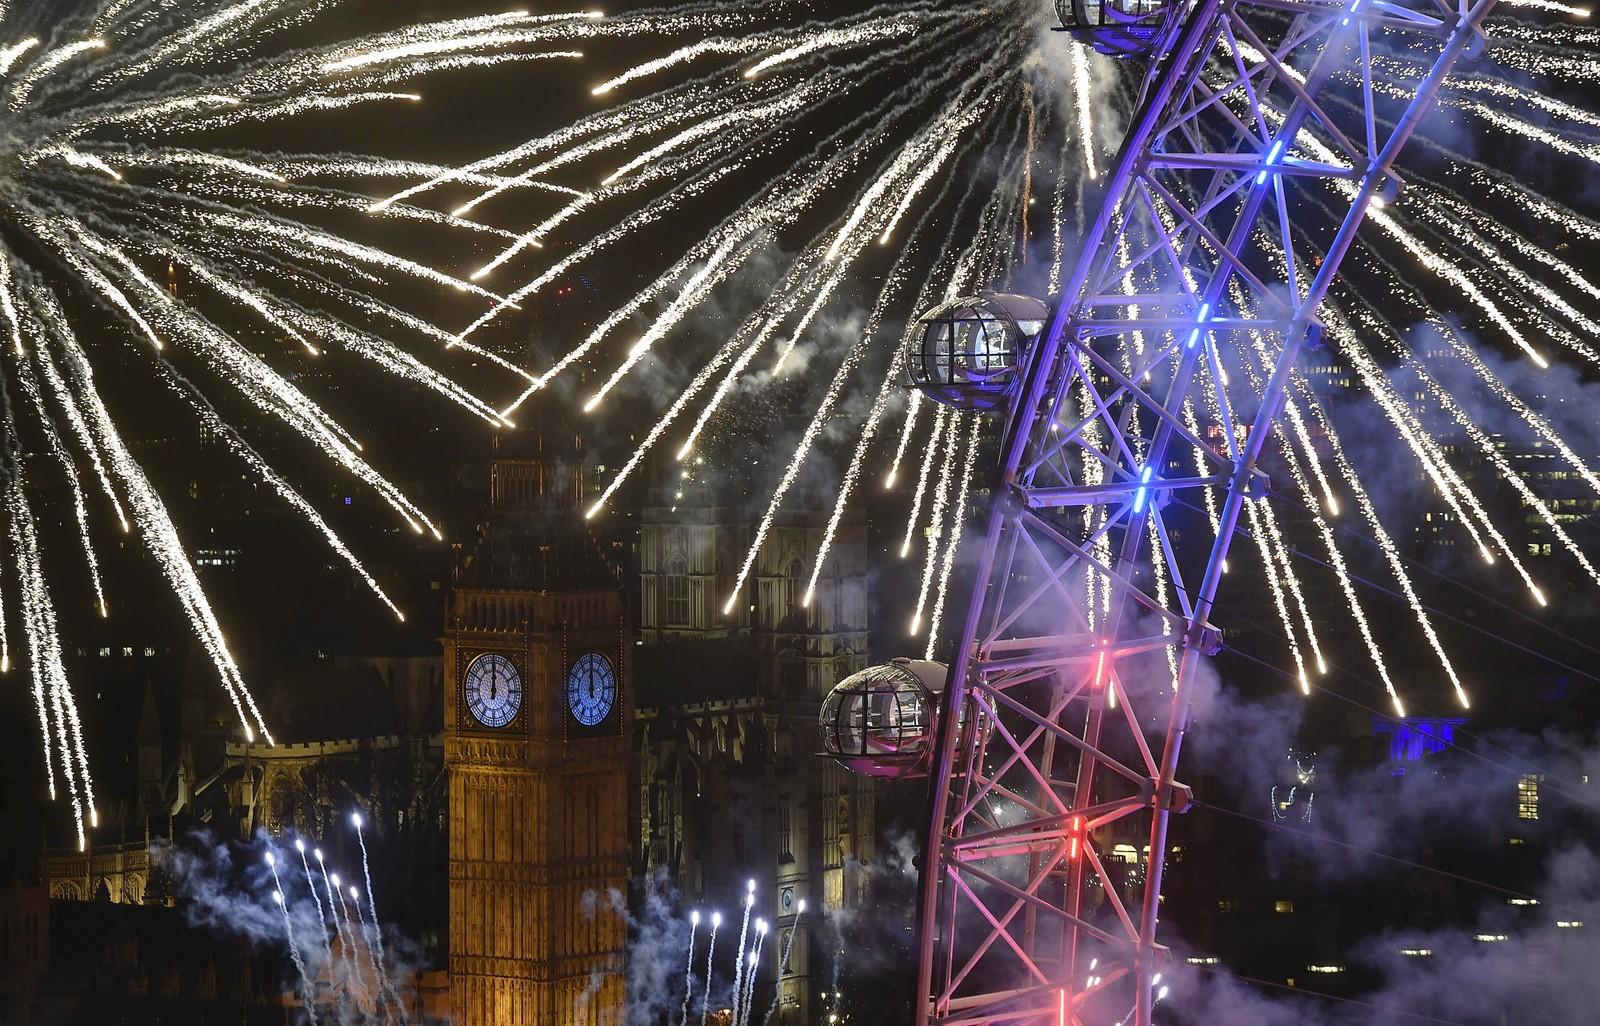 Da Big Ben kimte inn det nye året eksploderte fyrverkeri rundt det store pariserhjulet London Eye på den andre siden av Themsen.